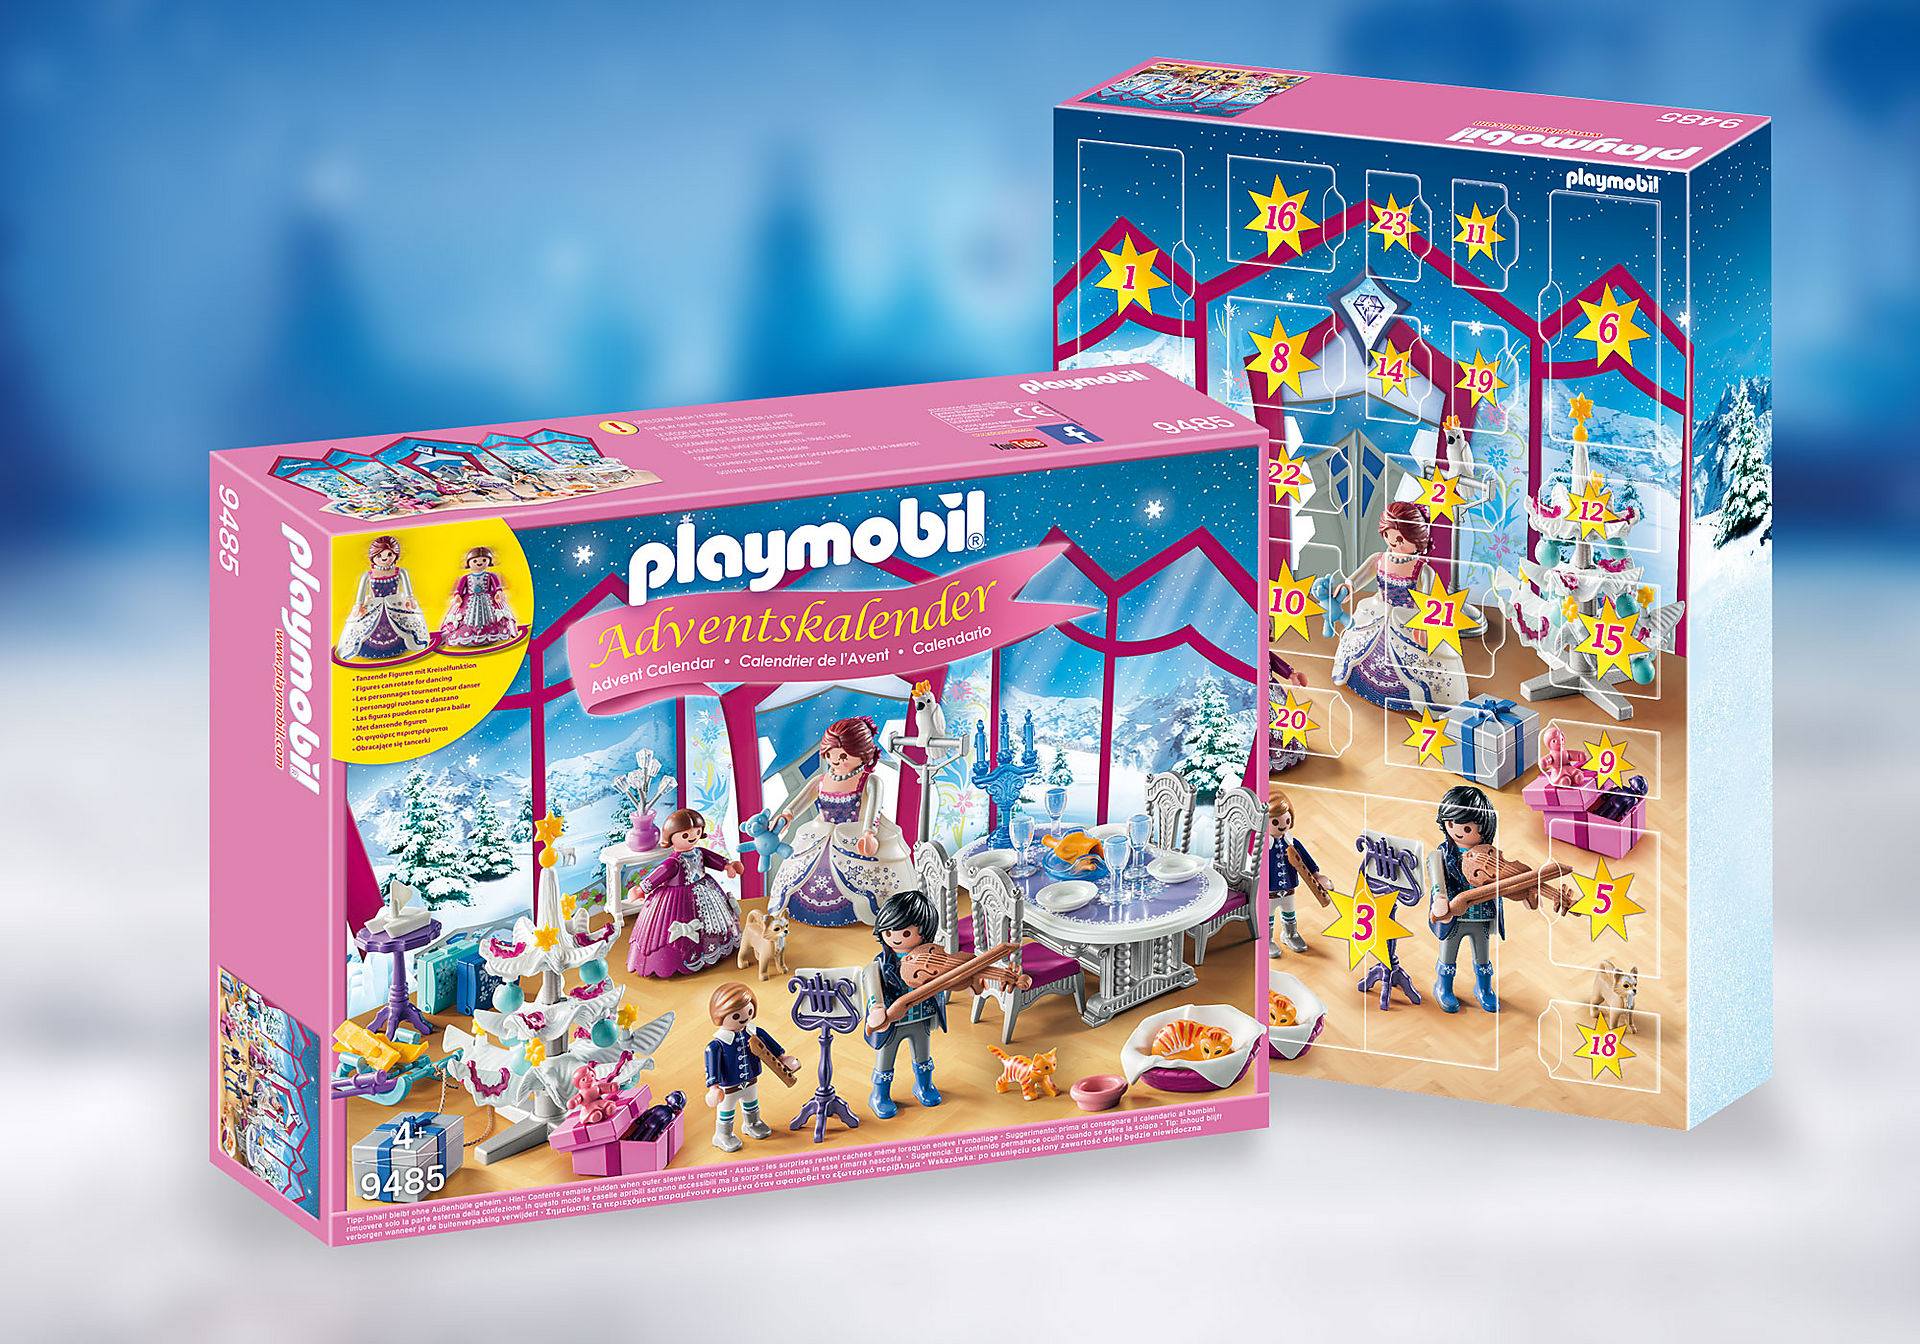 9485 Adventskalender 'Kerstfeest in het kristallen salon'  zoom image1